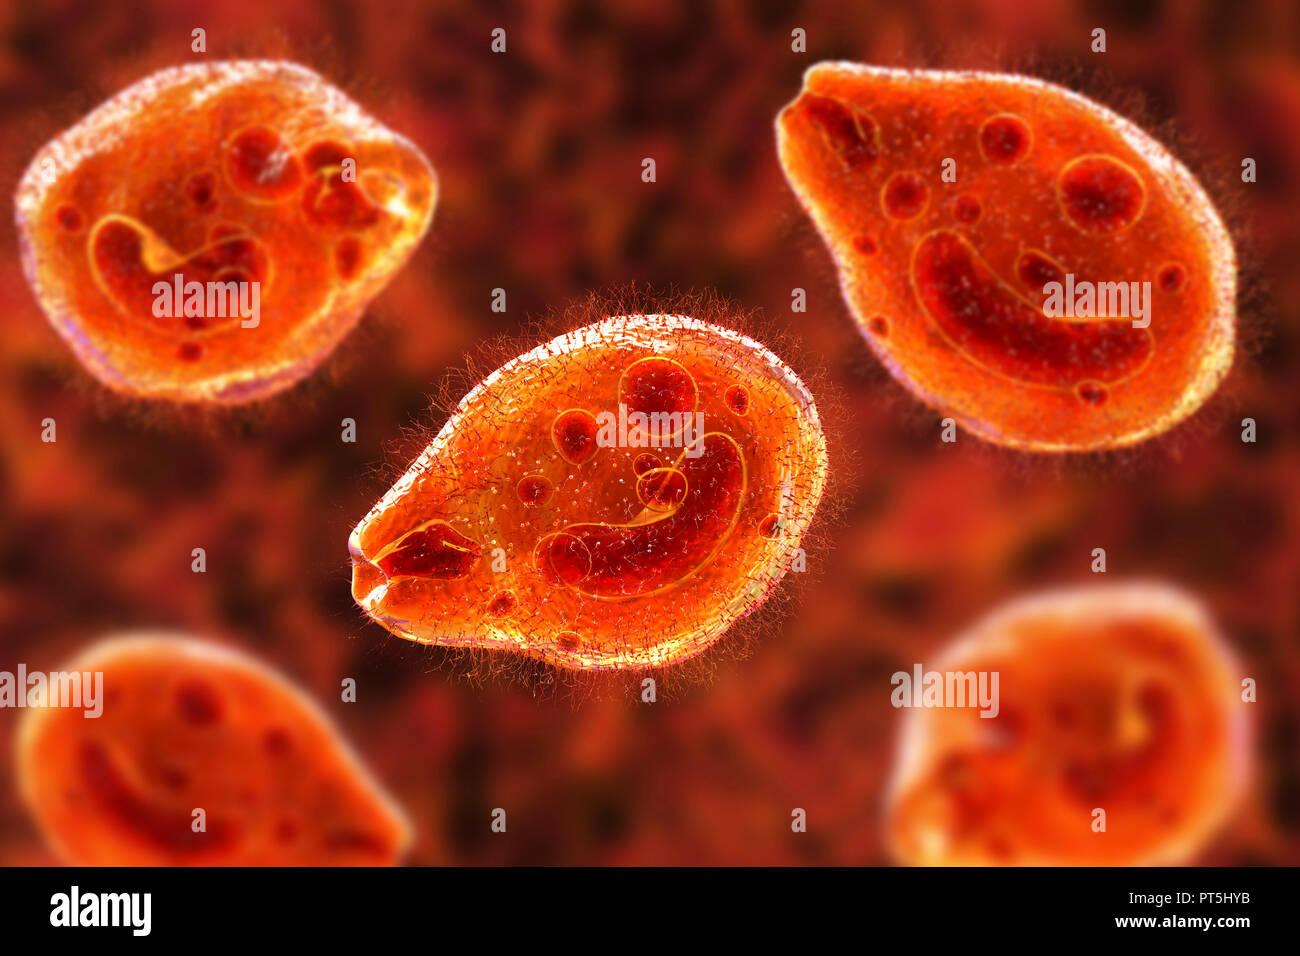 Computer illustrazione del protozoo ciliato Balantidium coli, un parassita intestinale che può causare la formazione di ulcere (balantidiasis) nel tratto intestinale degli esseri umani. Si tratta di una rara forma di dissenteria che è limitata essenzialmente per i lavoratori agricoli e quelli in stretta associazione con i suini. I parassiti sono comuni e innocuo tra i suini. Essi formano le cisti che passano al di fuori dei suini nelle loro feci. Gli esseri umani contraggono la malattia attraverso gli alimenti o bevande contaminati da tali cisti. Immagini Stock